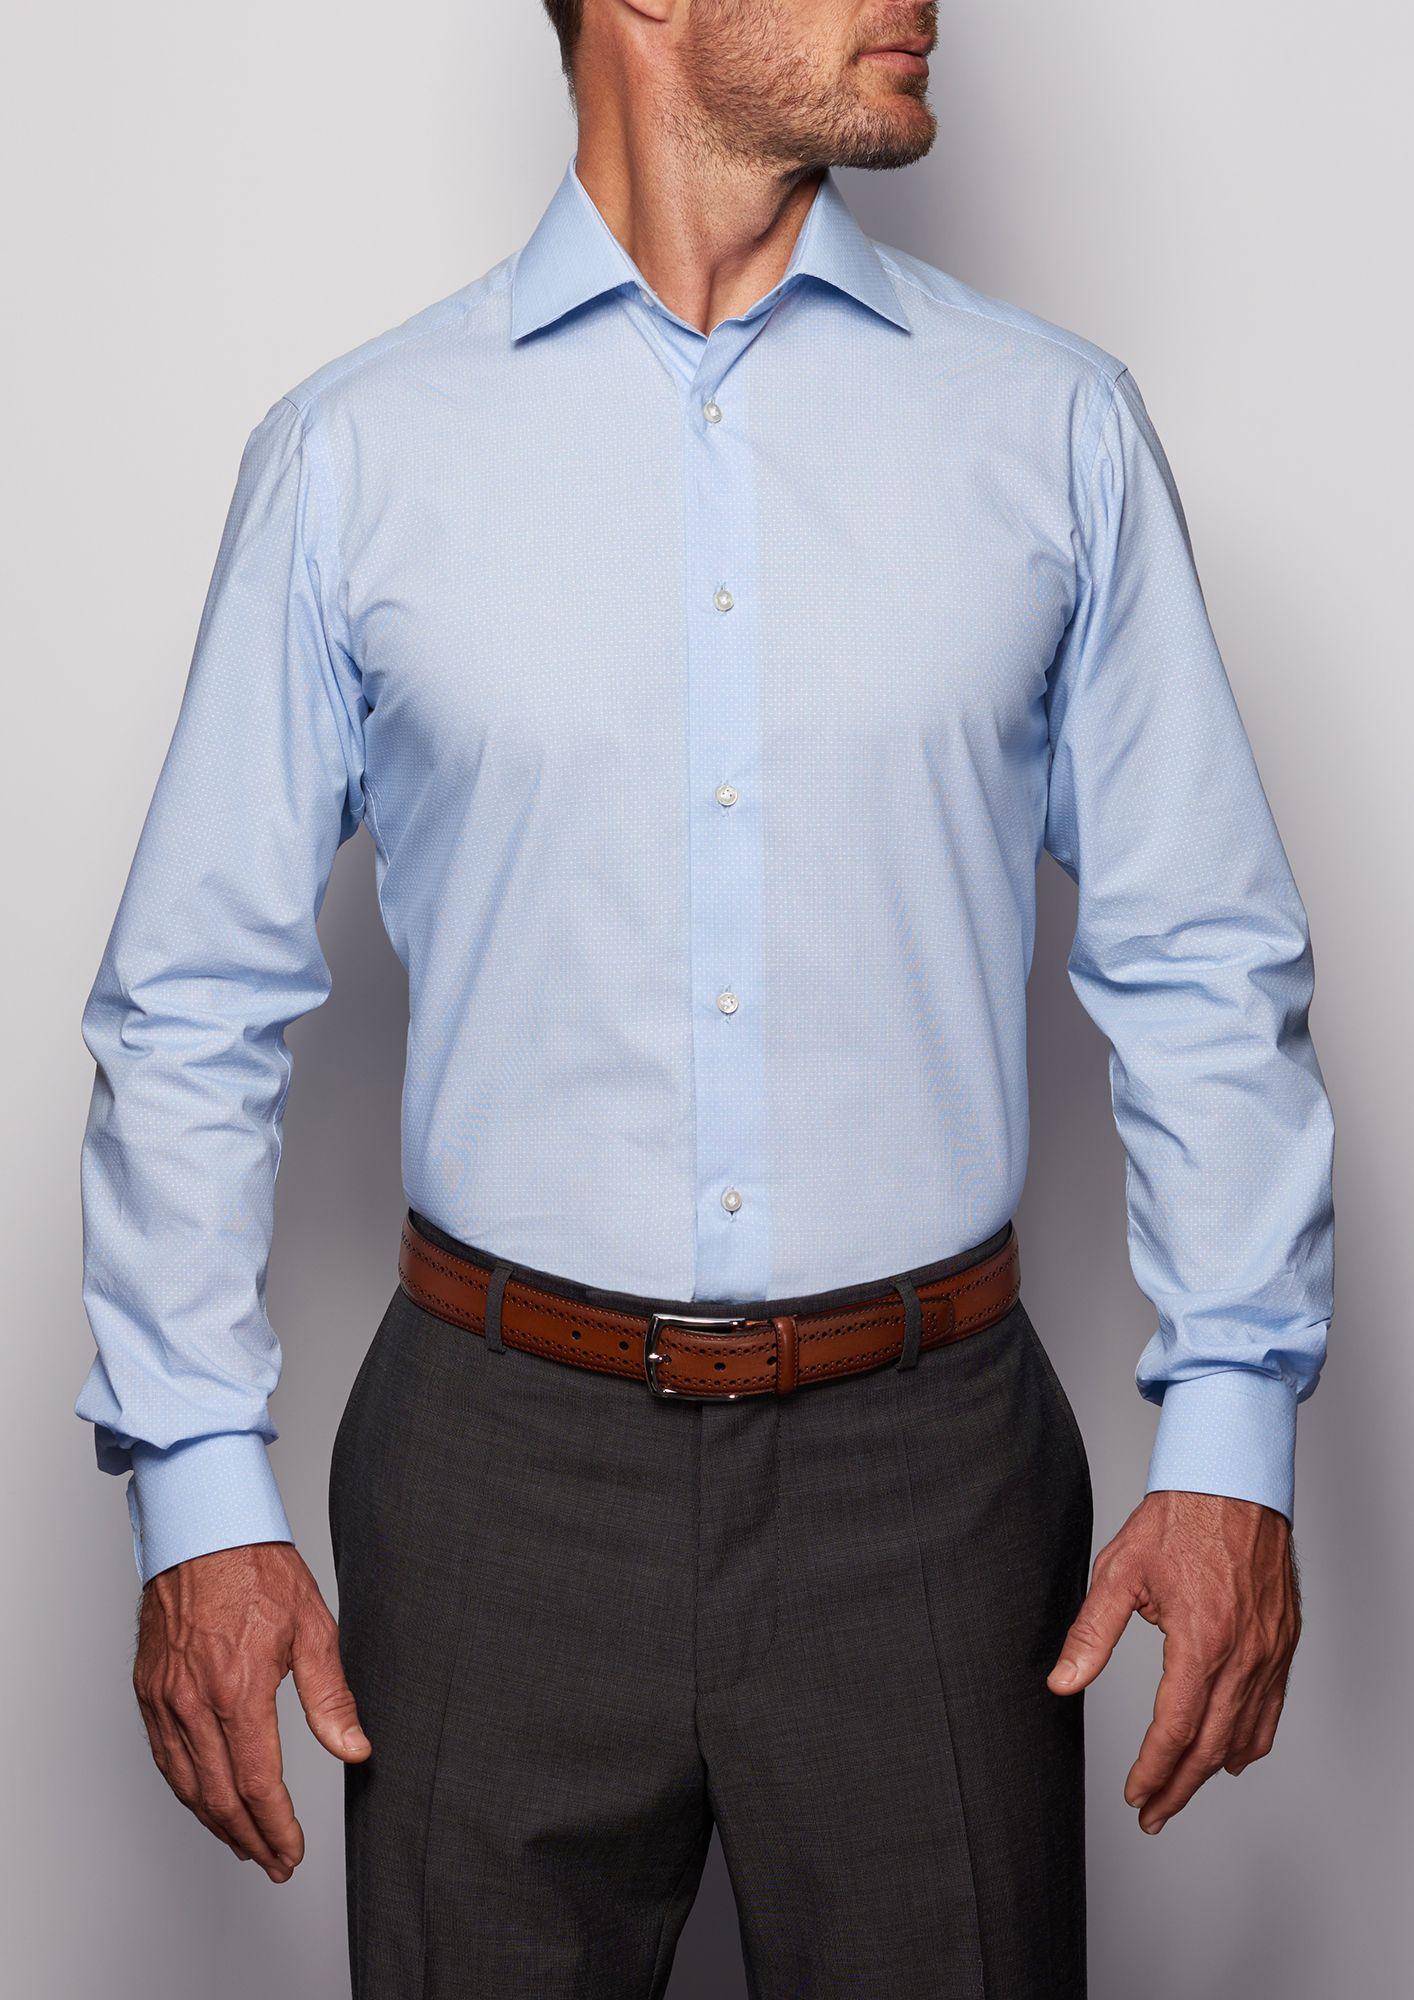 Camicie su misura: cosa sapere prima di acquistarla